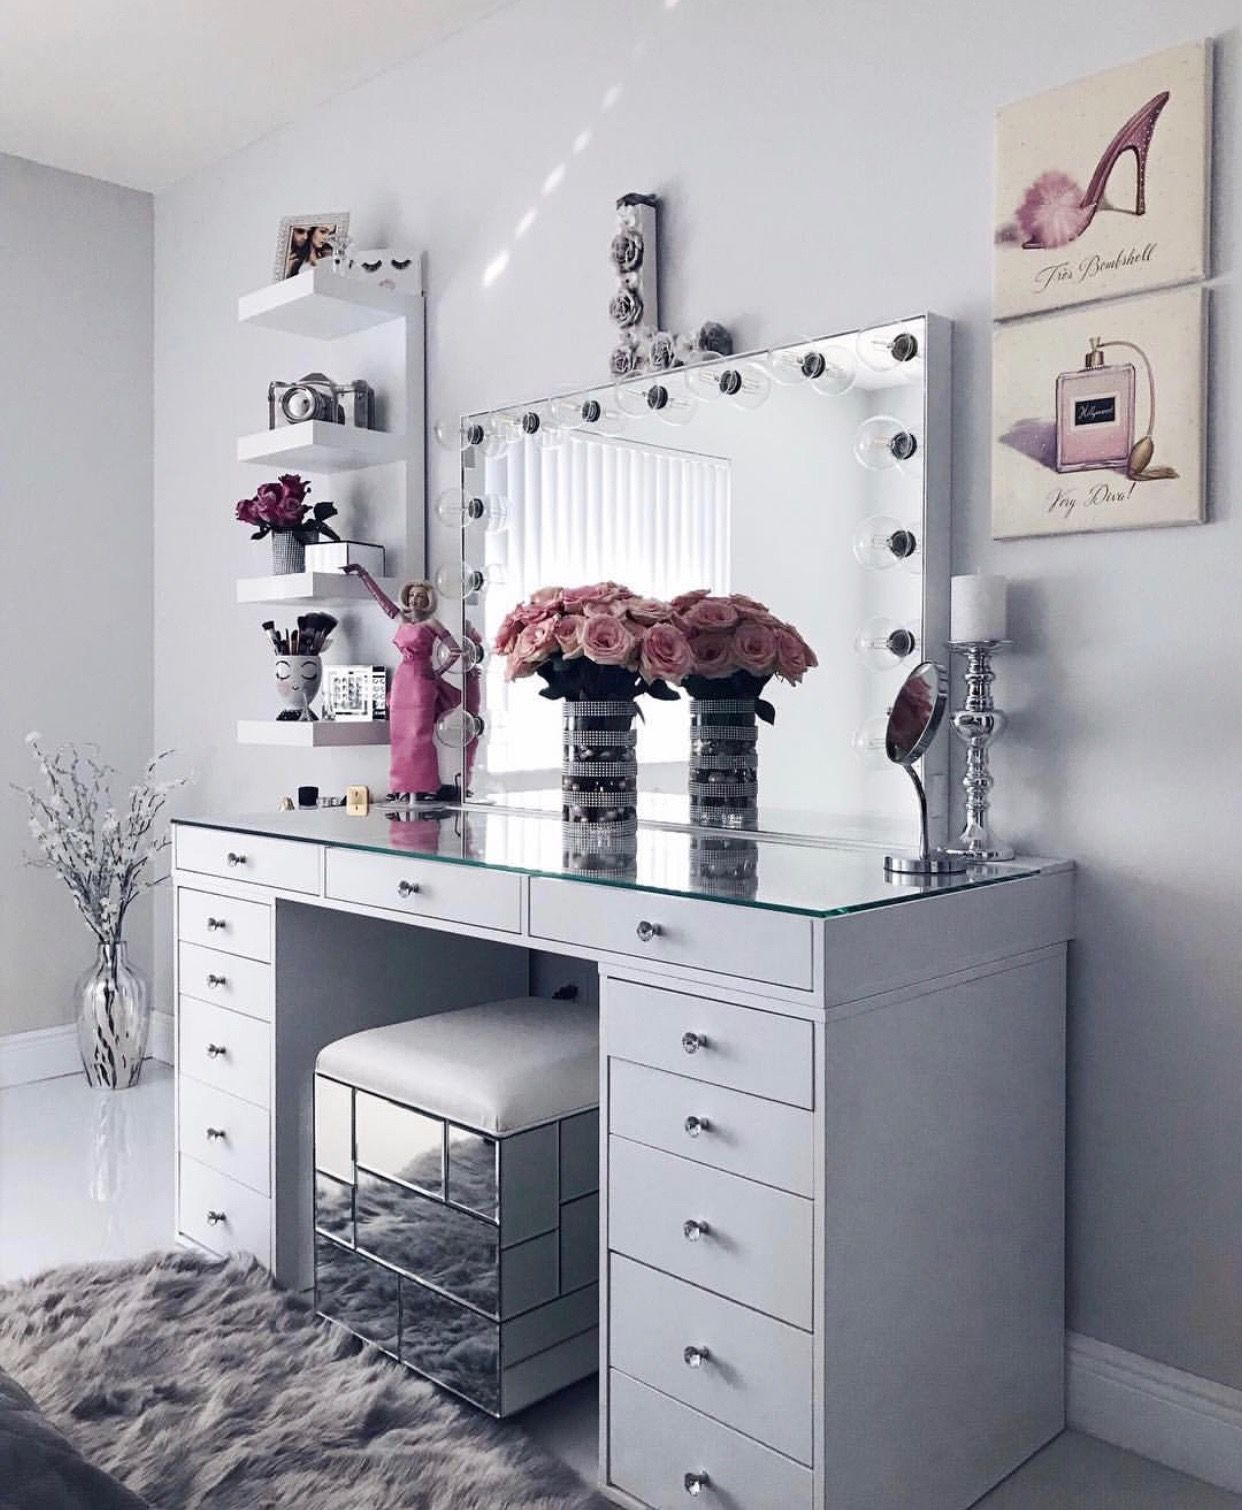 Pin De Veronica Valdez Em Vanity Makeup Room Ideias De Decoracao De Quartos Decoracao De Quarto Ideias De Decoracao Para Quarto Pequeno